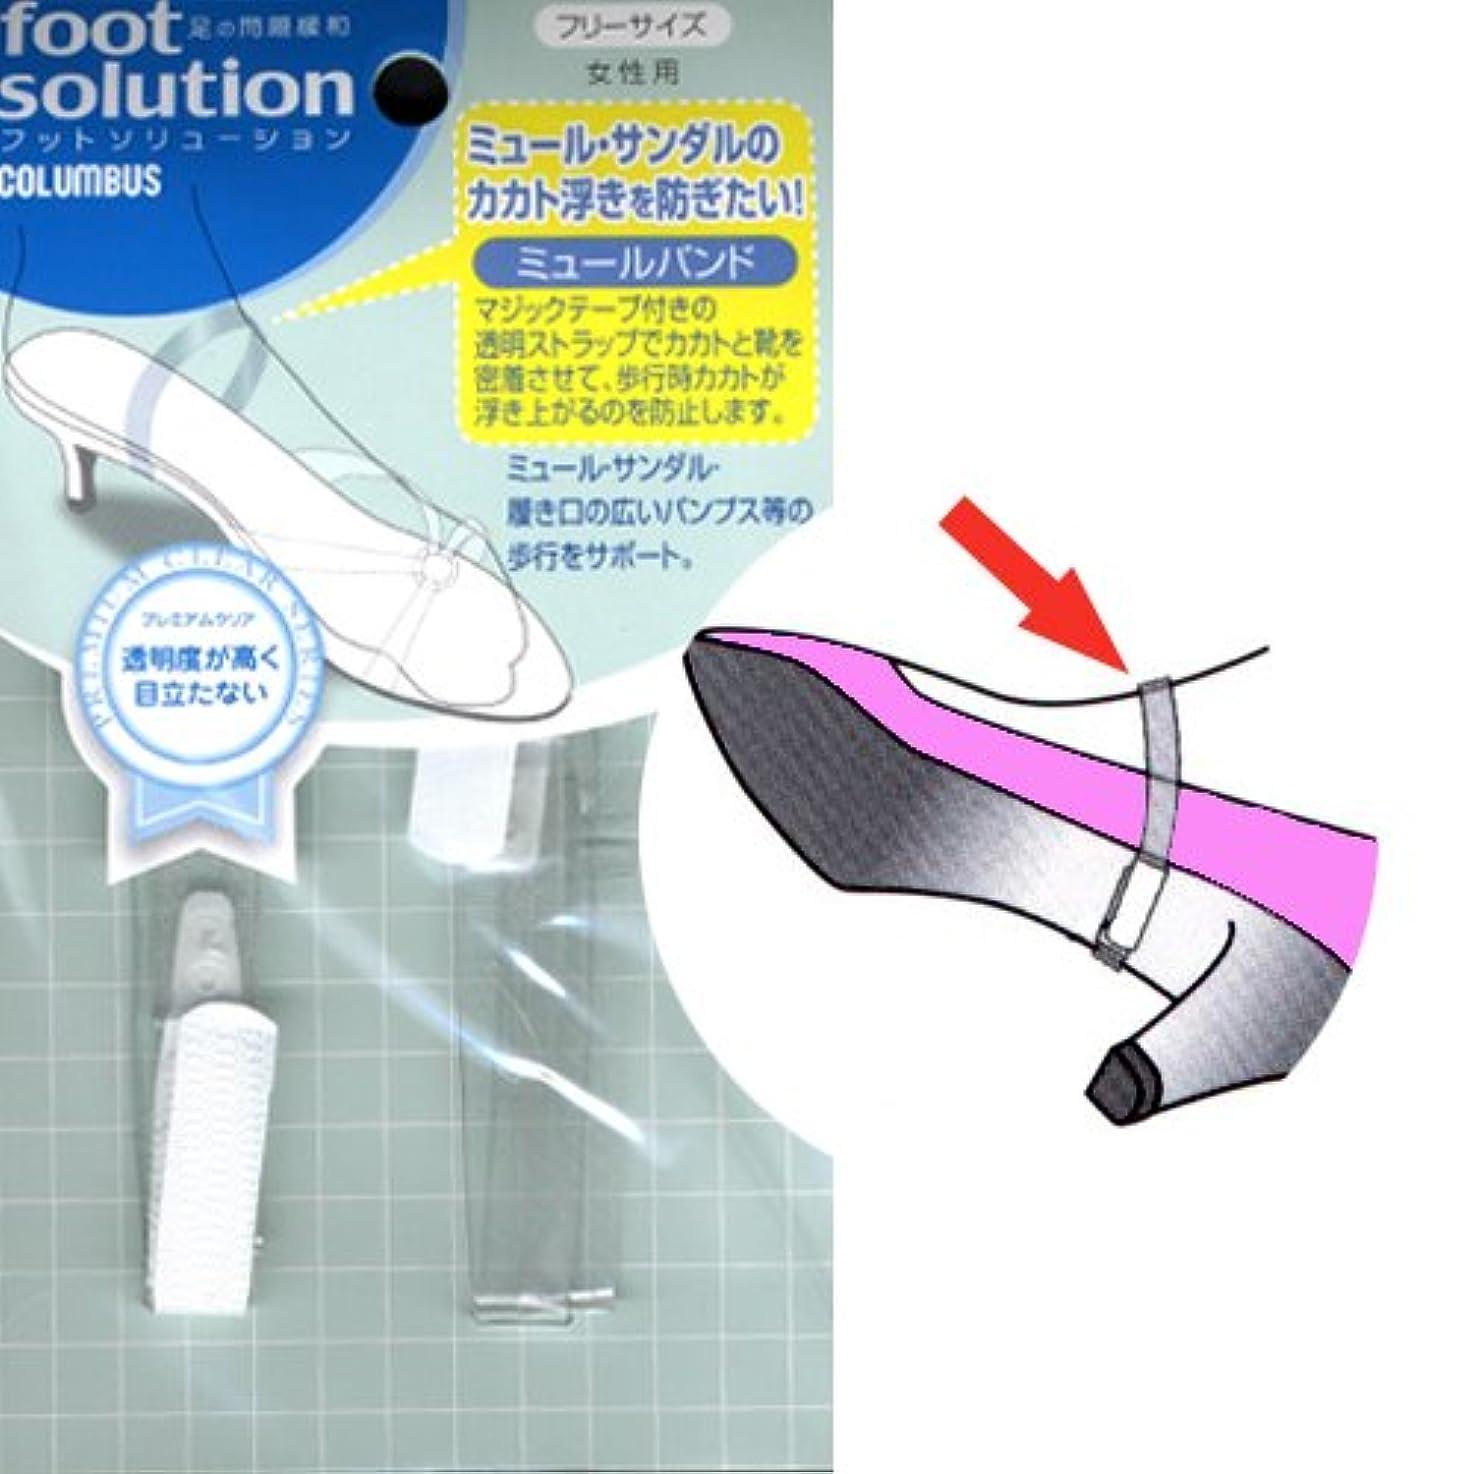 暫定医療過誤圧縮フットソリューション(footsolution) ミュールバンド レギュラーサイズ#80